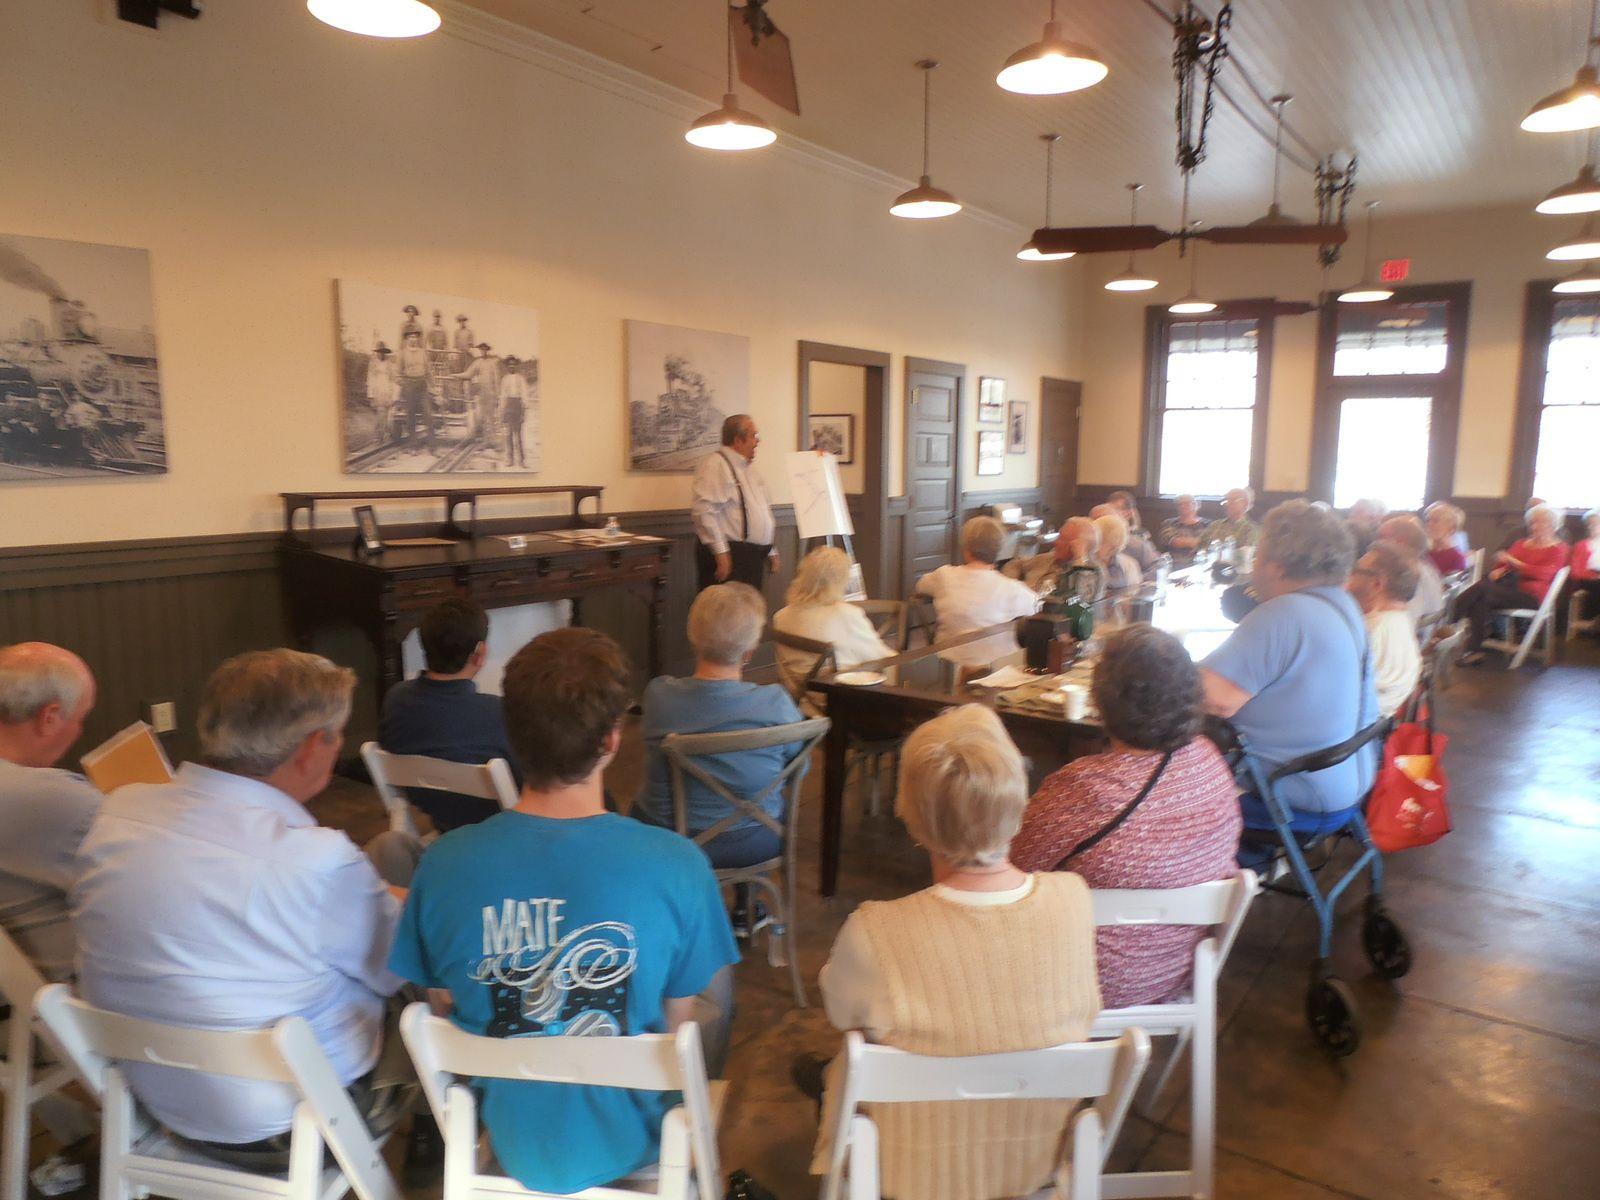 La société d'histoire locale de Carrollton m'avait invité récemment à l'exposé de Curtis : l'arrivée du chemin de fer à Carrollton. Les participants ont partagé leurs témoignages sur cet évènement important pour la vie de leur cité.